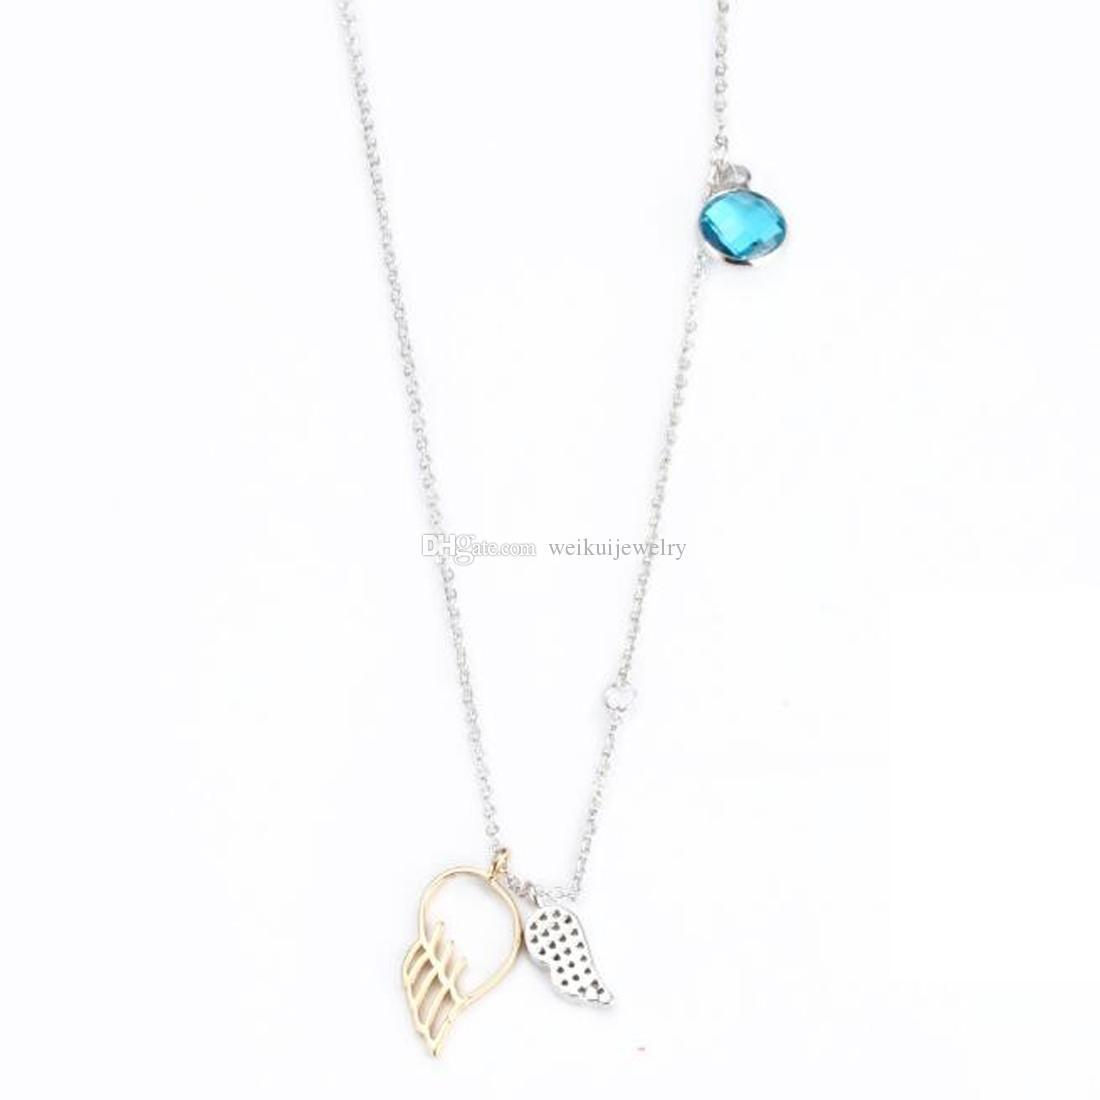 Moda encanto alas de ángel collar alas de ángel Colgante de cristal de piedra de nacimiento para la novia / joyería exquisita regalo